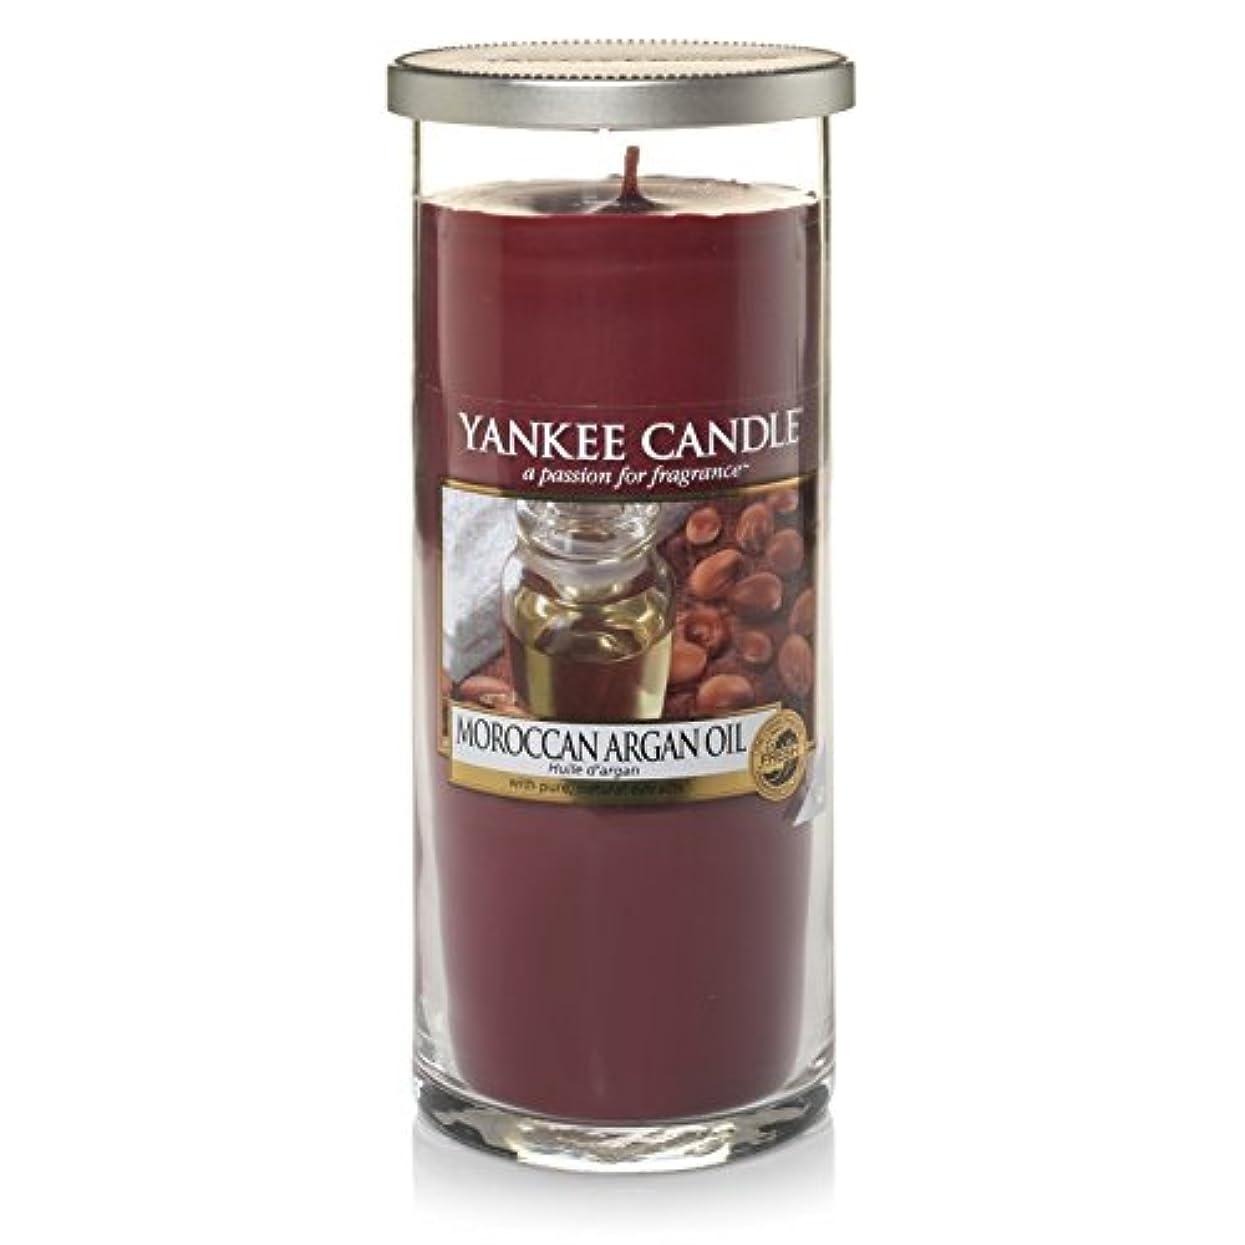 シンプルさドリンク抹消Yankee Candles Large Pillar Candle - Moroccan Argan Oil (Pack of 6) - ヤンキーキャンドル大きな柱キャンドル - モロッコアルガンオイル (x6) [並行輸入品]